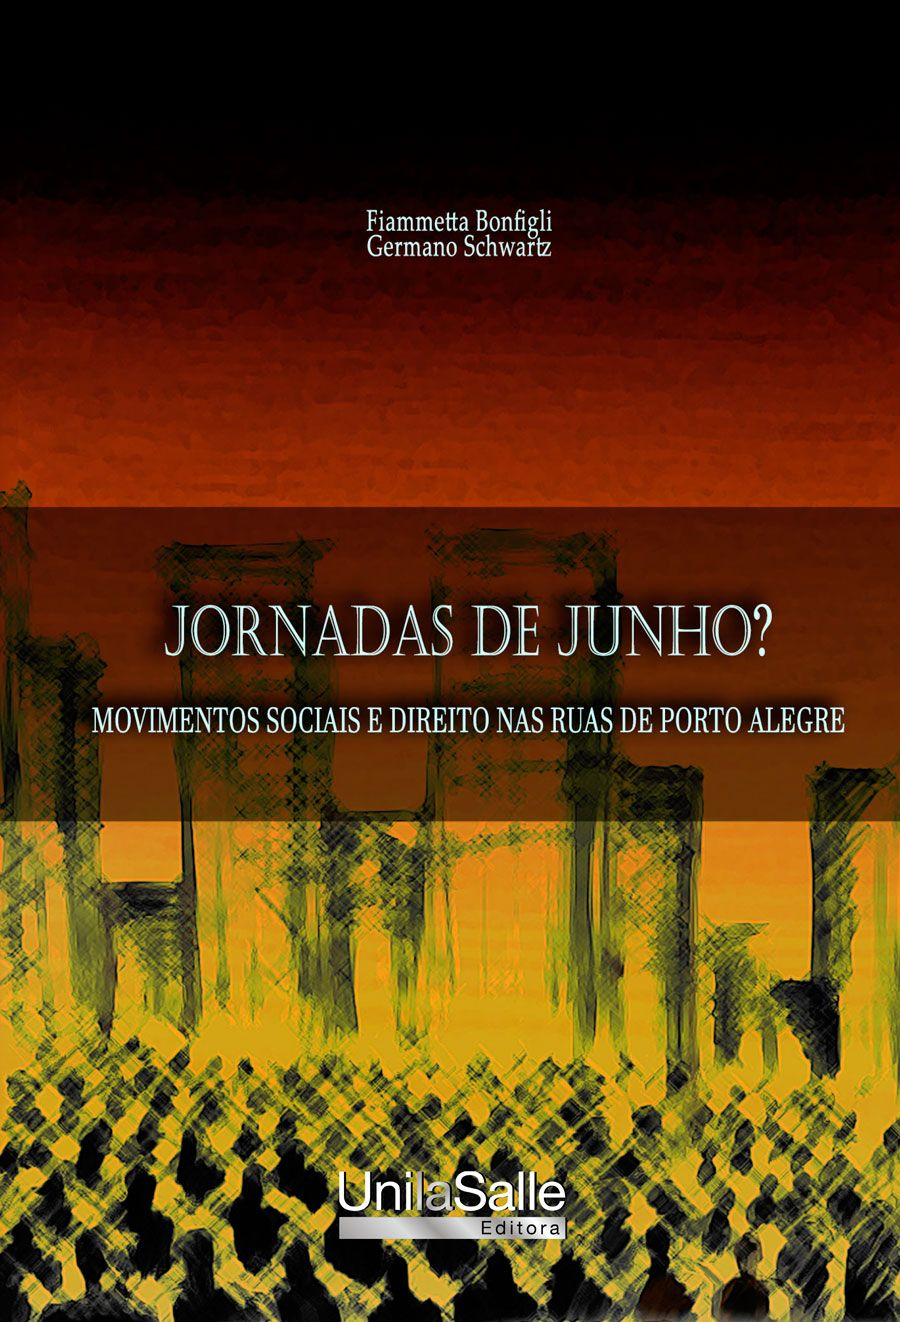 Jornadas de junho? movimentos sociais e direito nas ruas de Porto Alegre